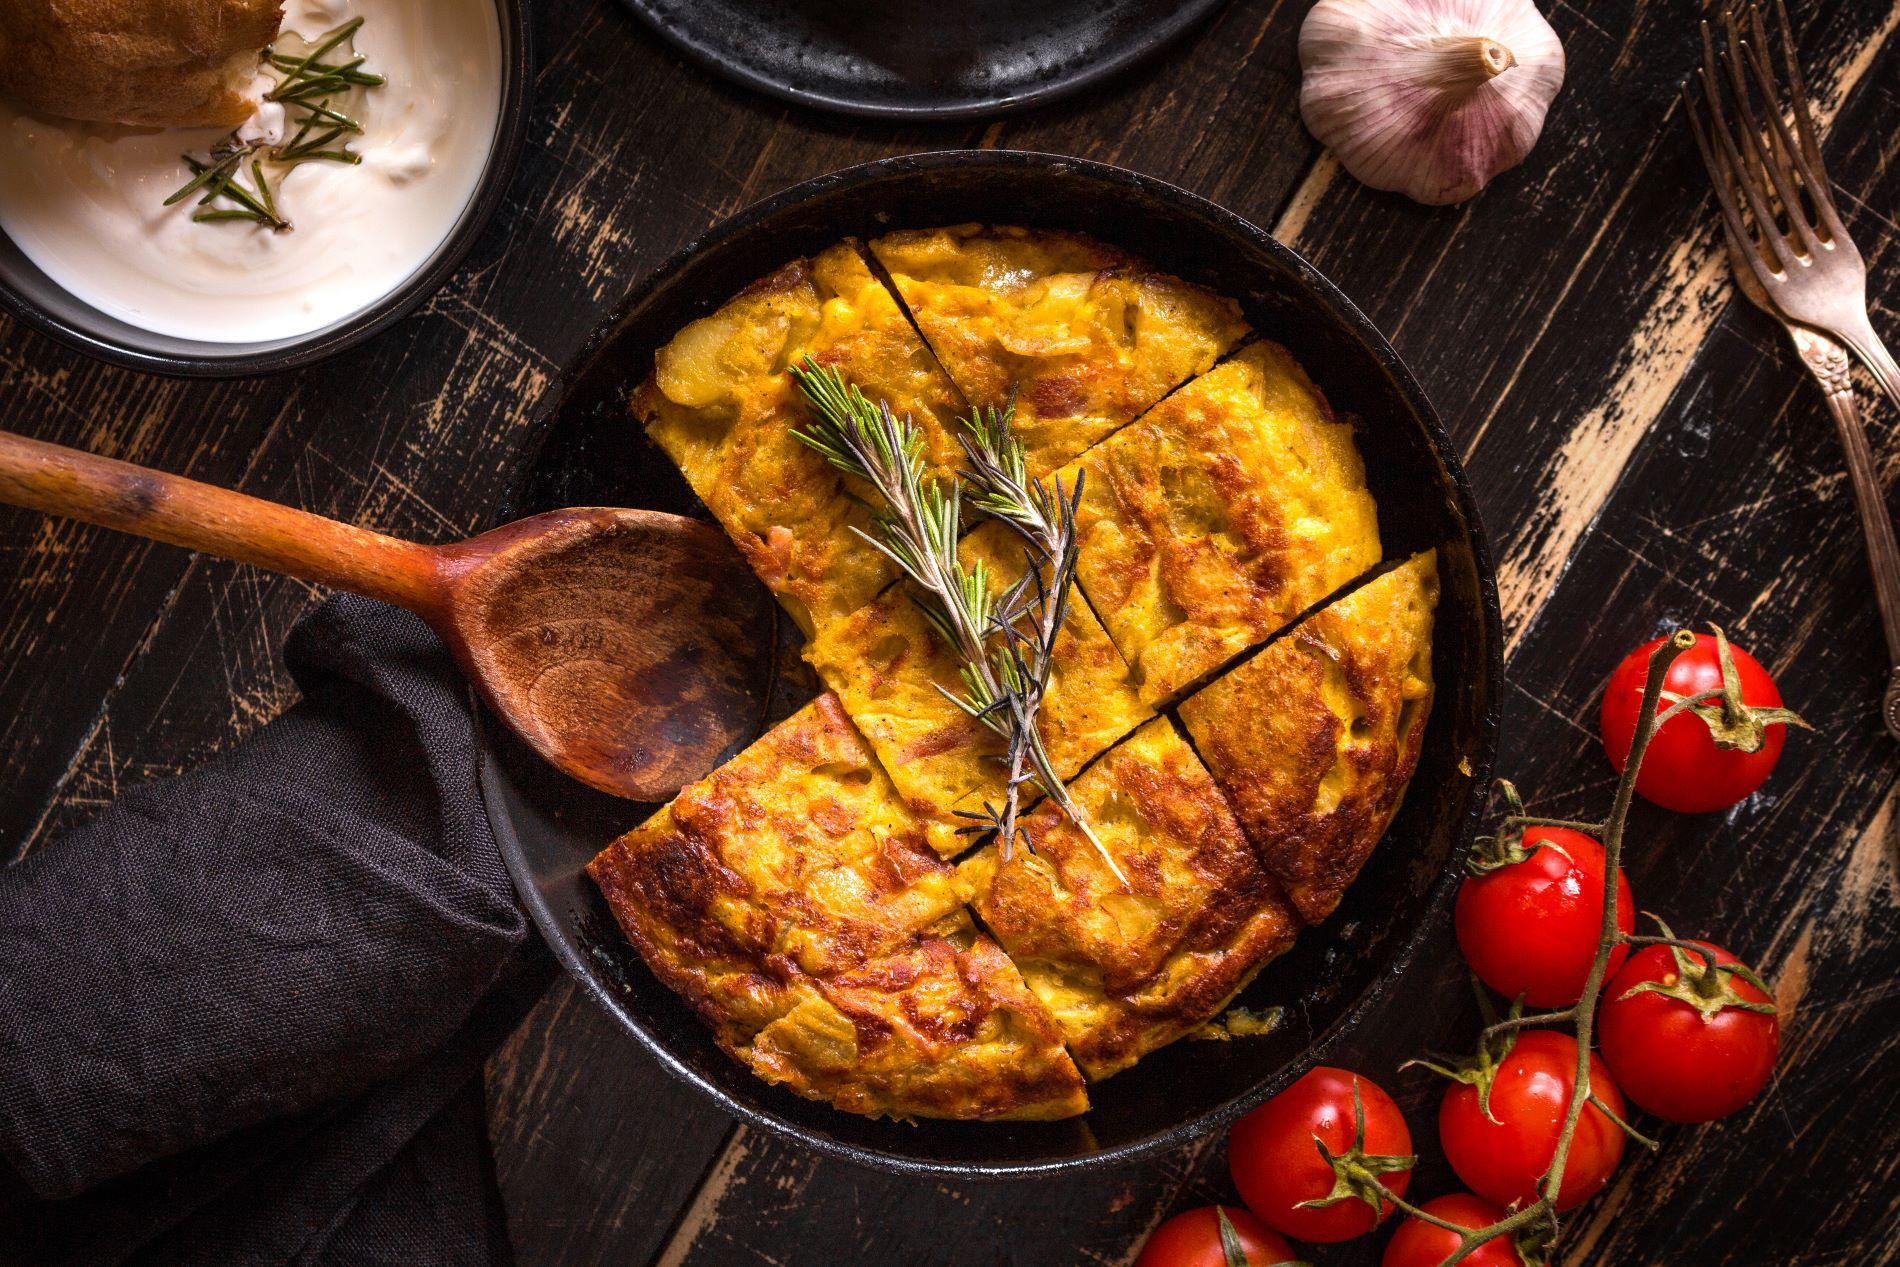 Ricetta Per Tortillas Spagnole.Ricetta Della Tortilla Di Patate Ricetta Originale Spagnola